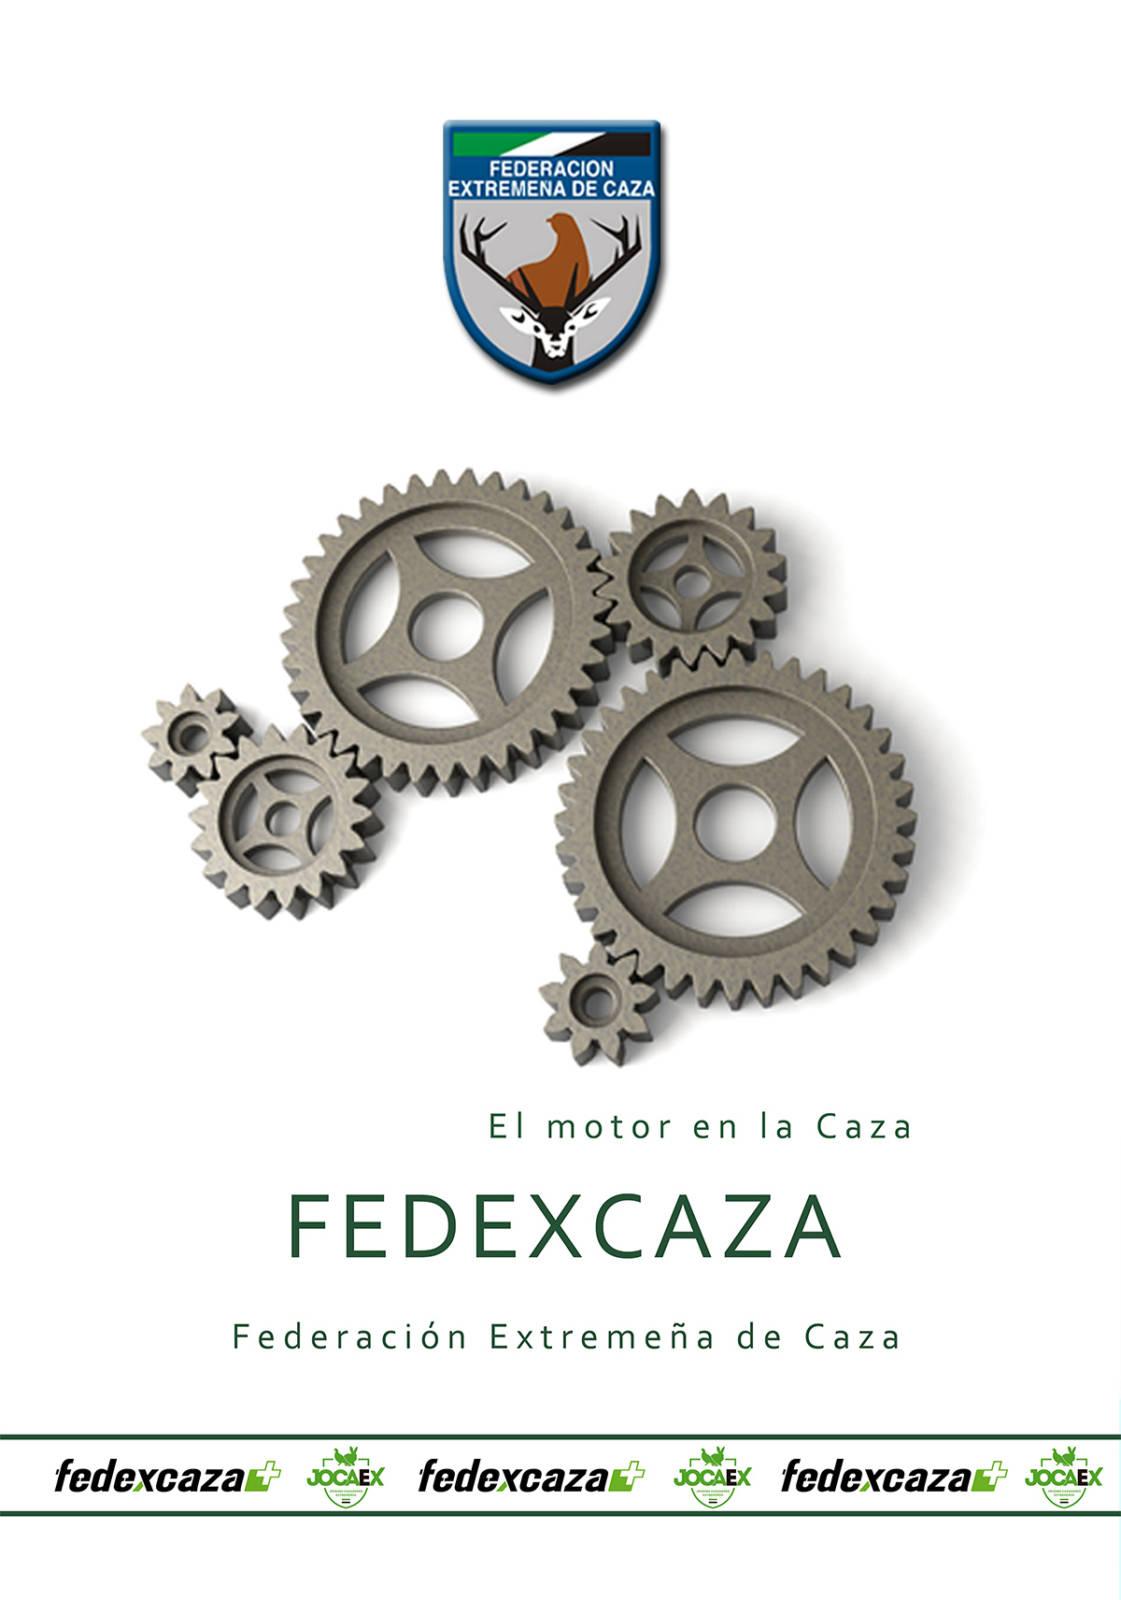 FEDEXCAZA destaca las múltiples ventajas de ser federado